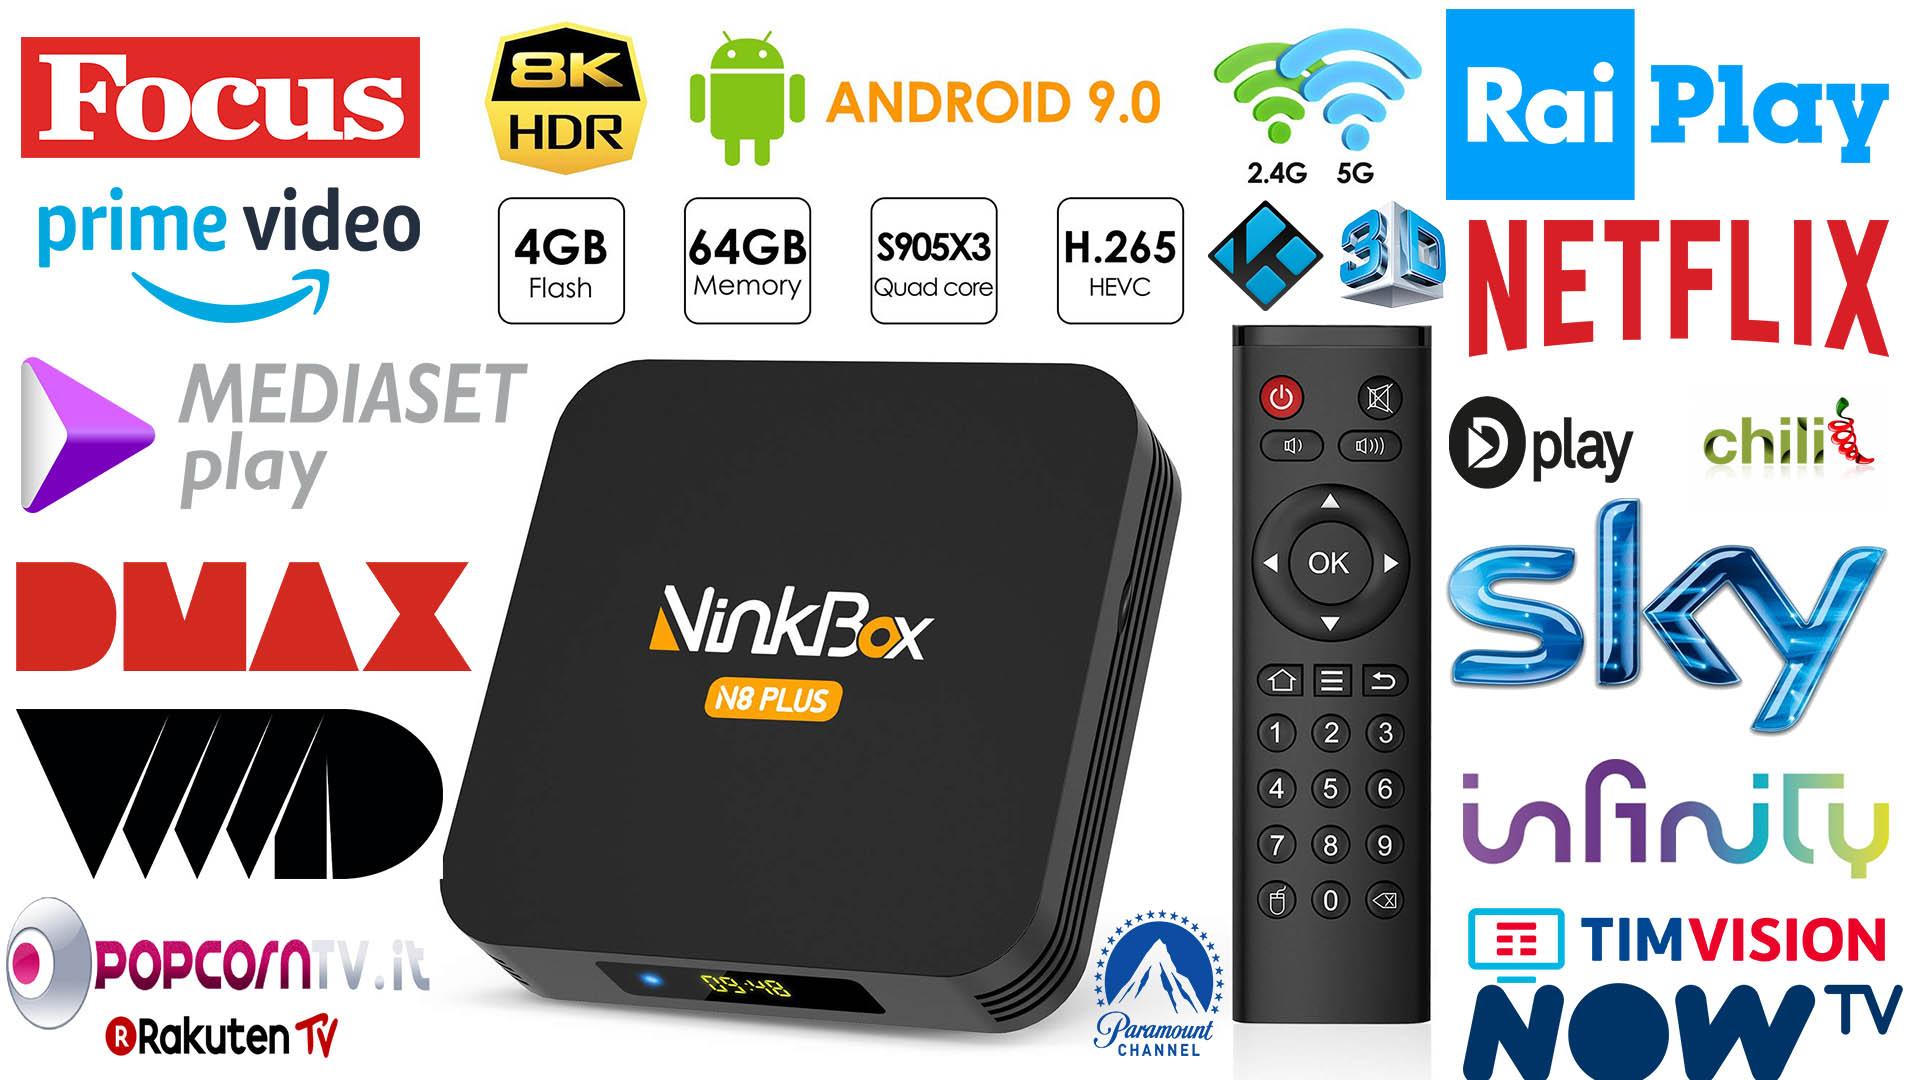 NinkBox N8 Plus